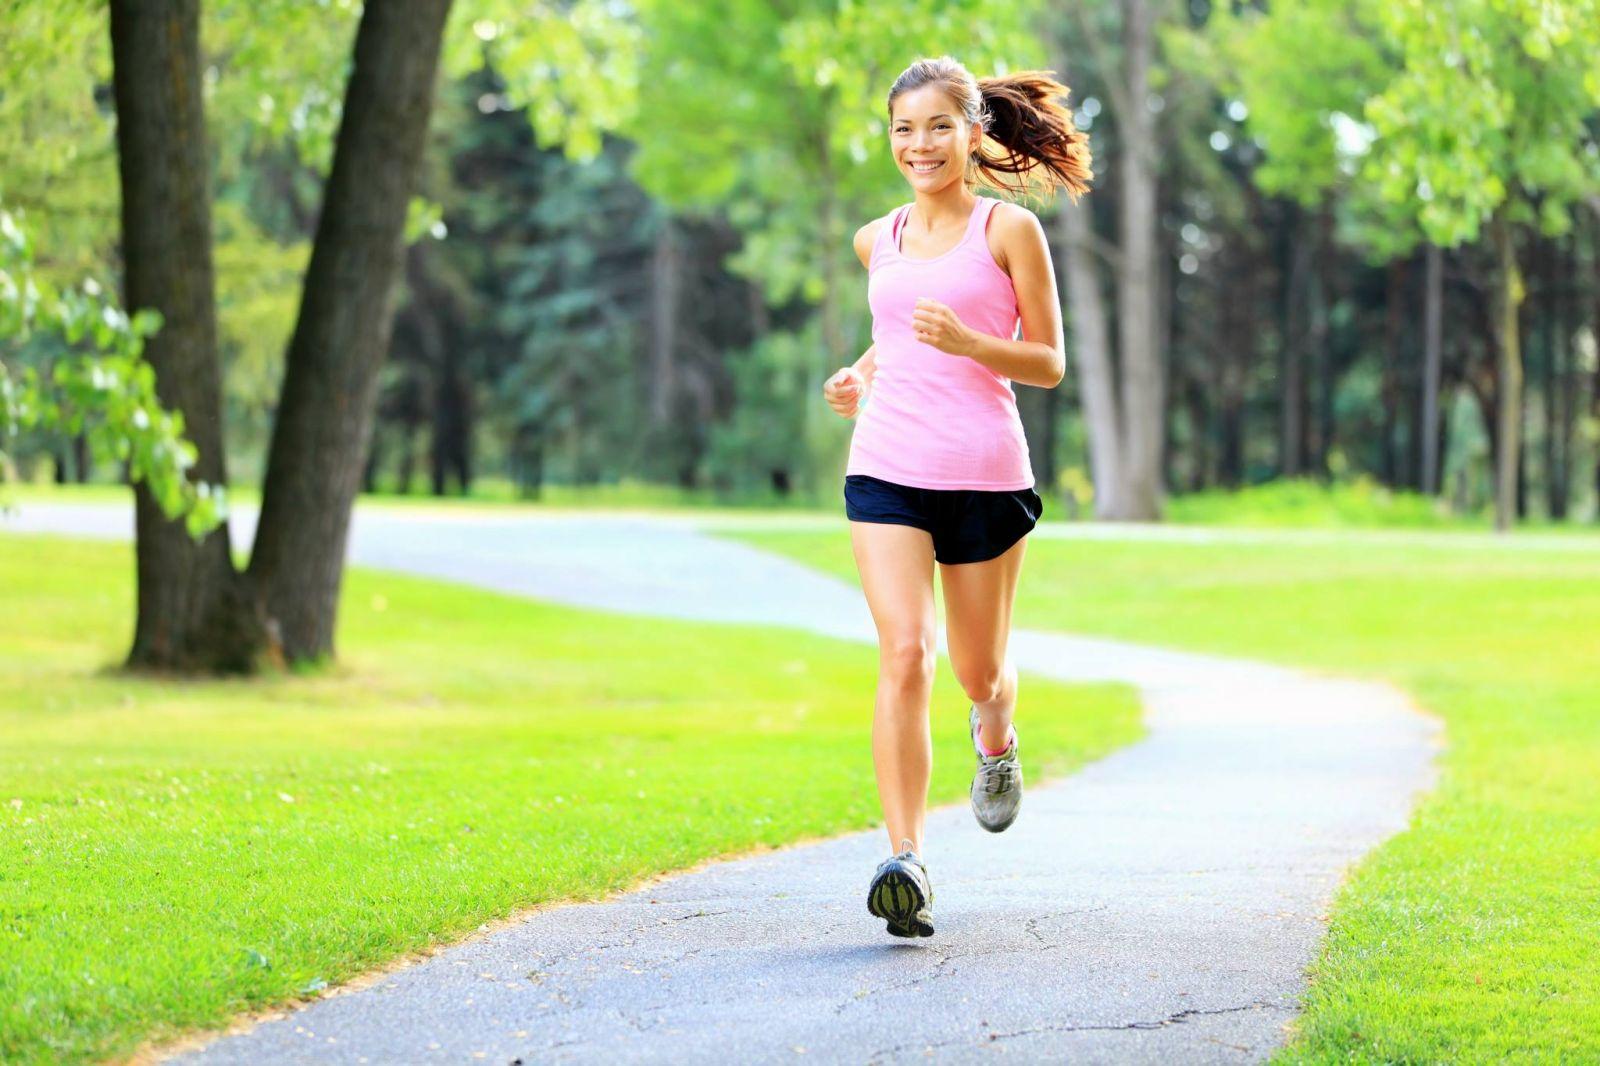 Hãy thường xuyên tập luyện thể thao để tăng cường sức đề kháng giúp phòng bệnh u nang buồng trứng.